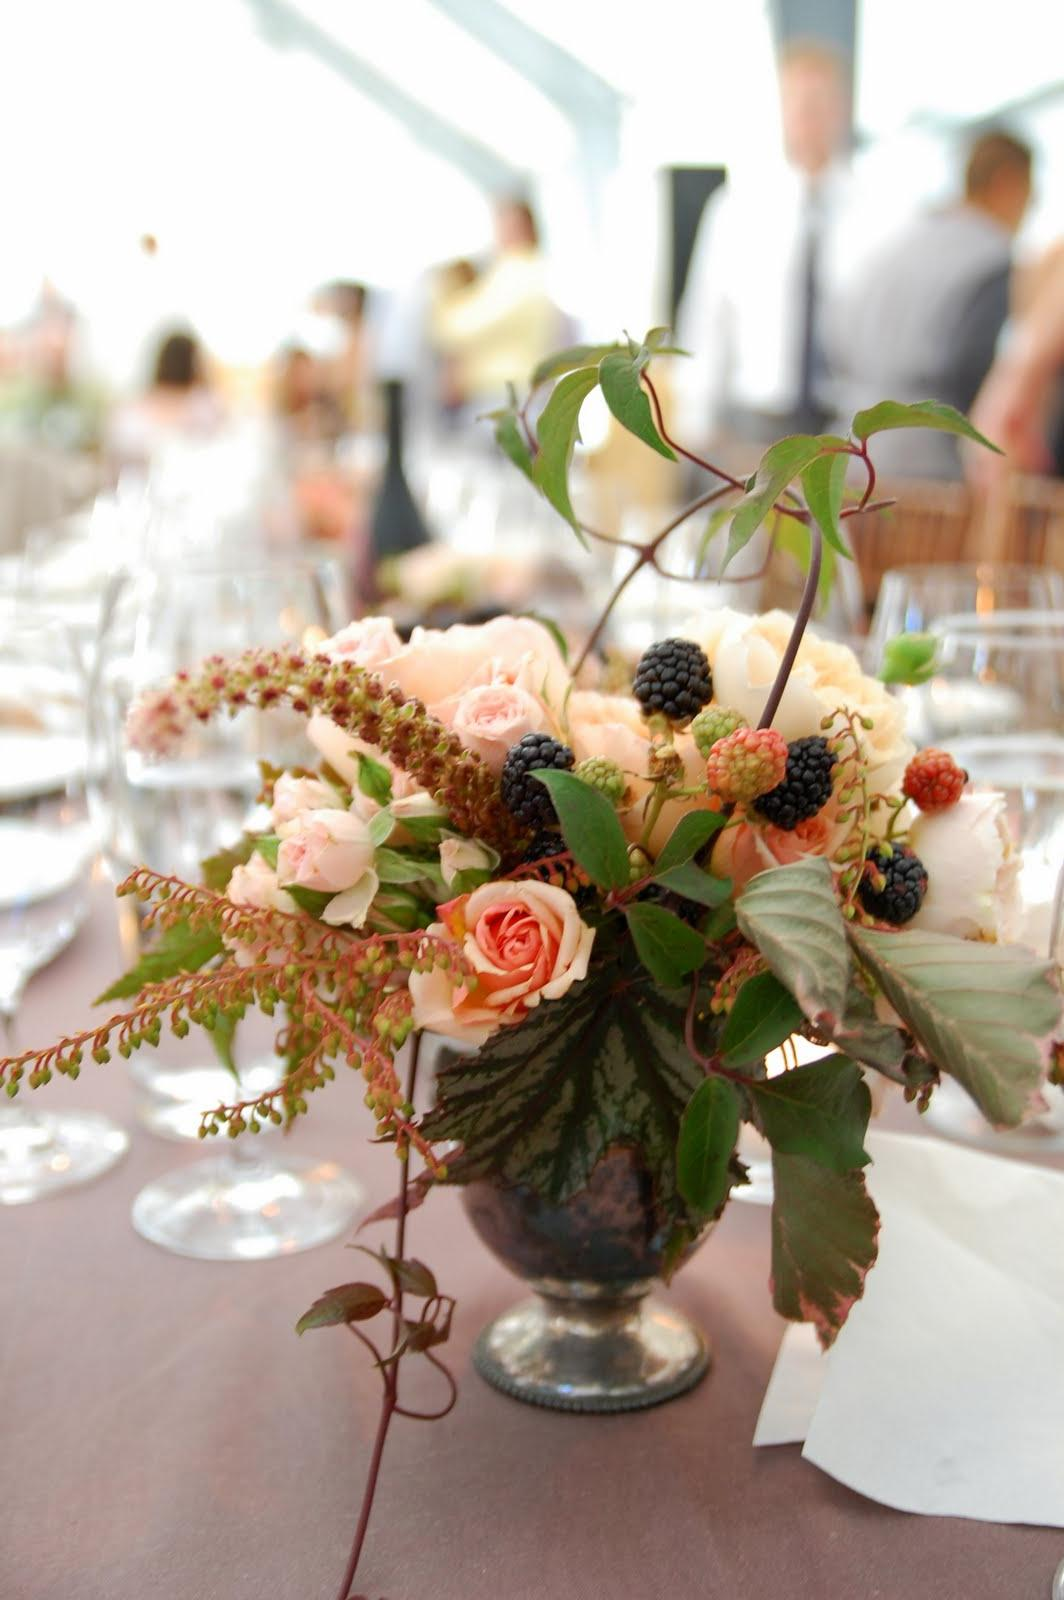 Decorated Fabric Wedding Arbor